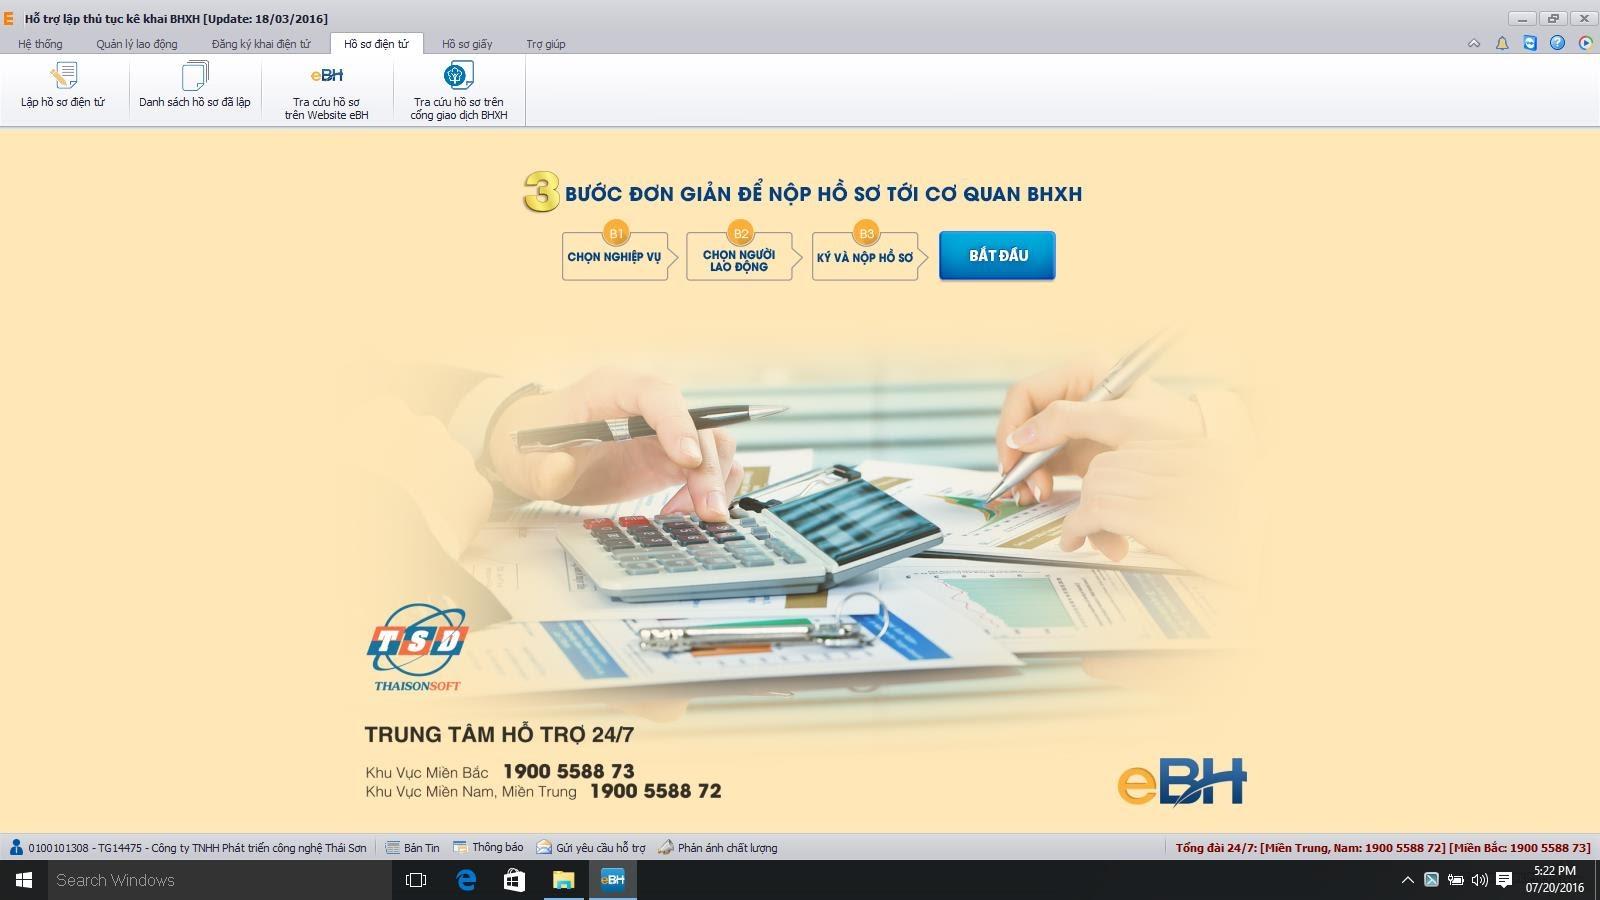 Phần mềm eBH có thể giúp người lao động tra mã số bảo hiểm xã hội một cách đơn giản nhất